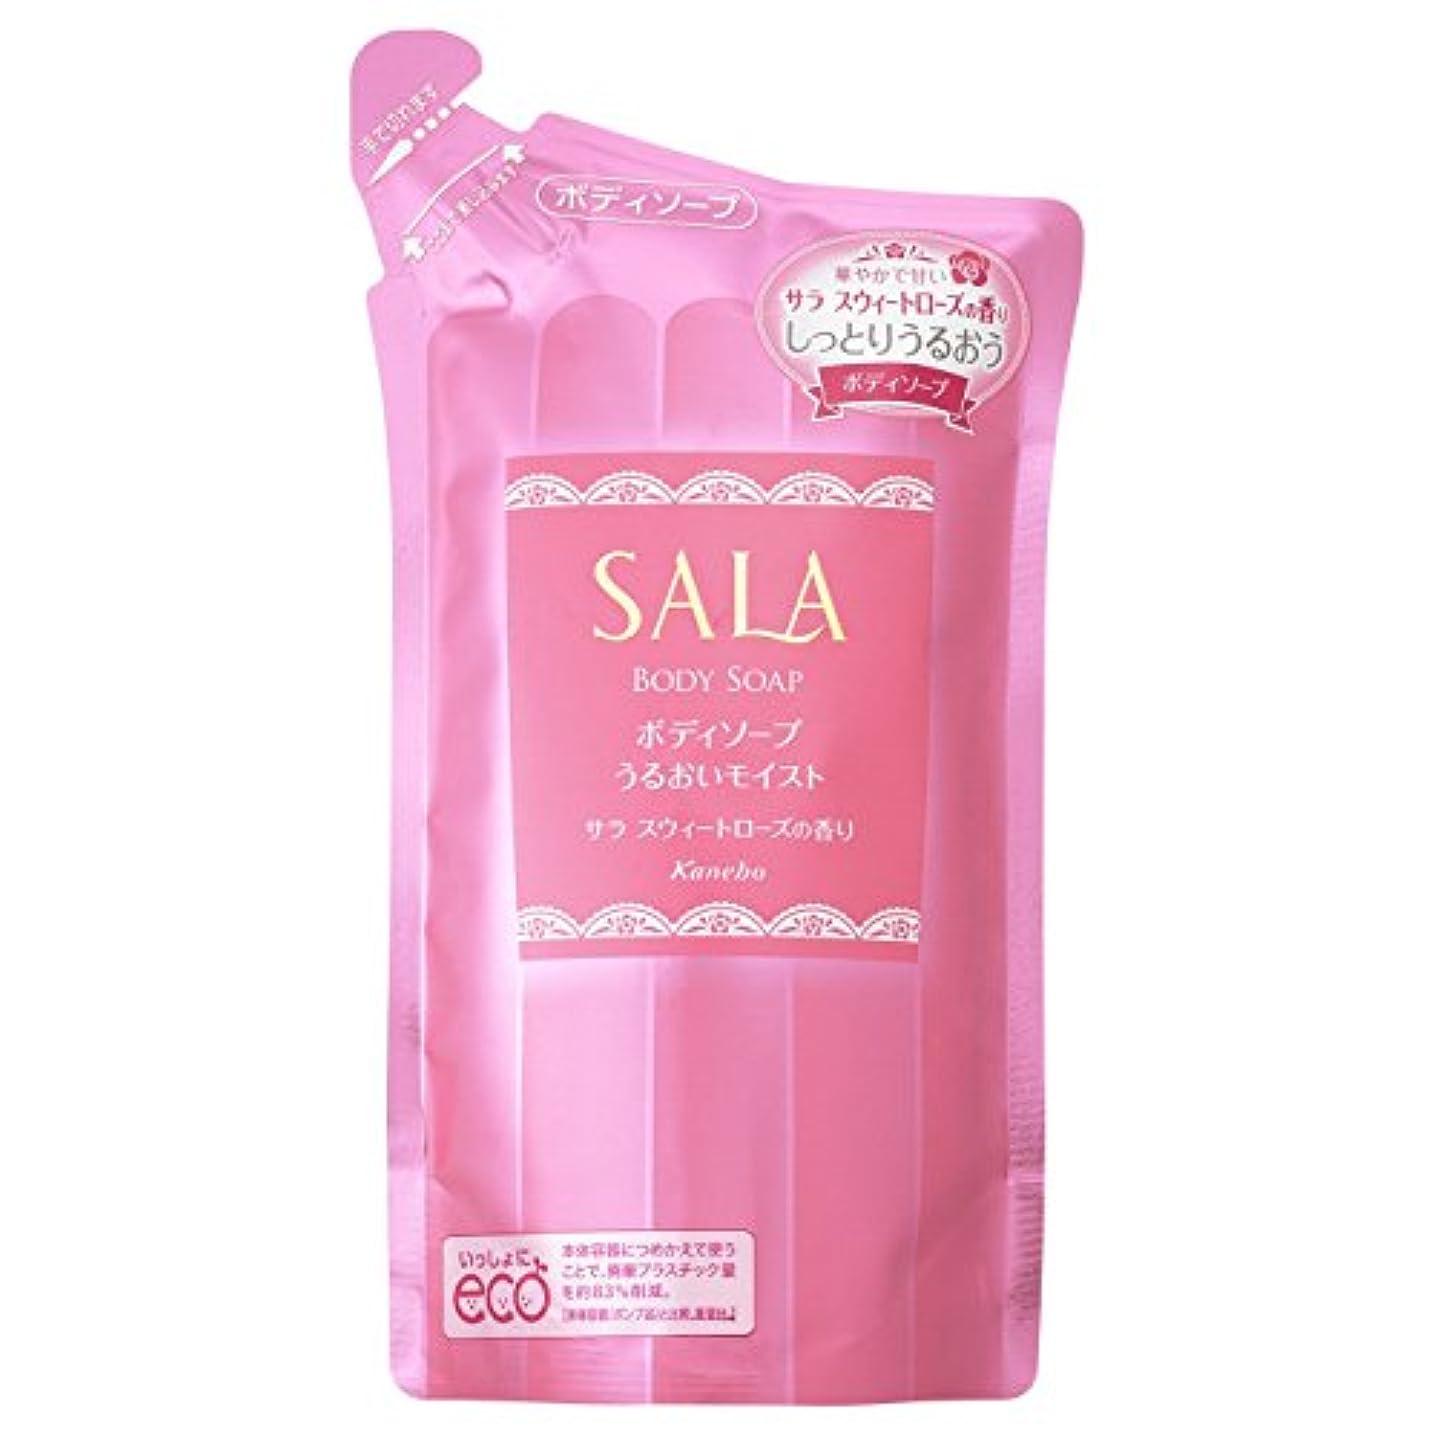 現像印象派補正サラ ボディソープ うるおいモイスト つめかえ用 サラスウィートローズの香り